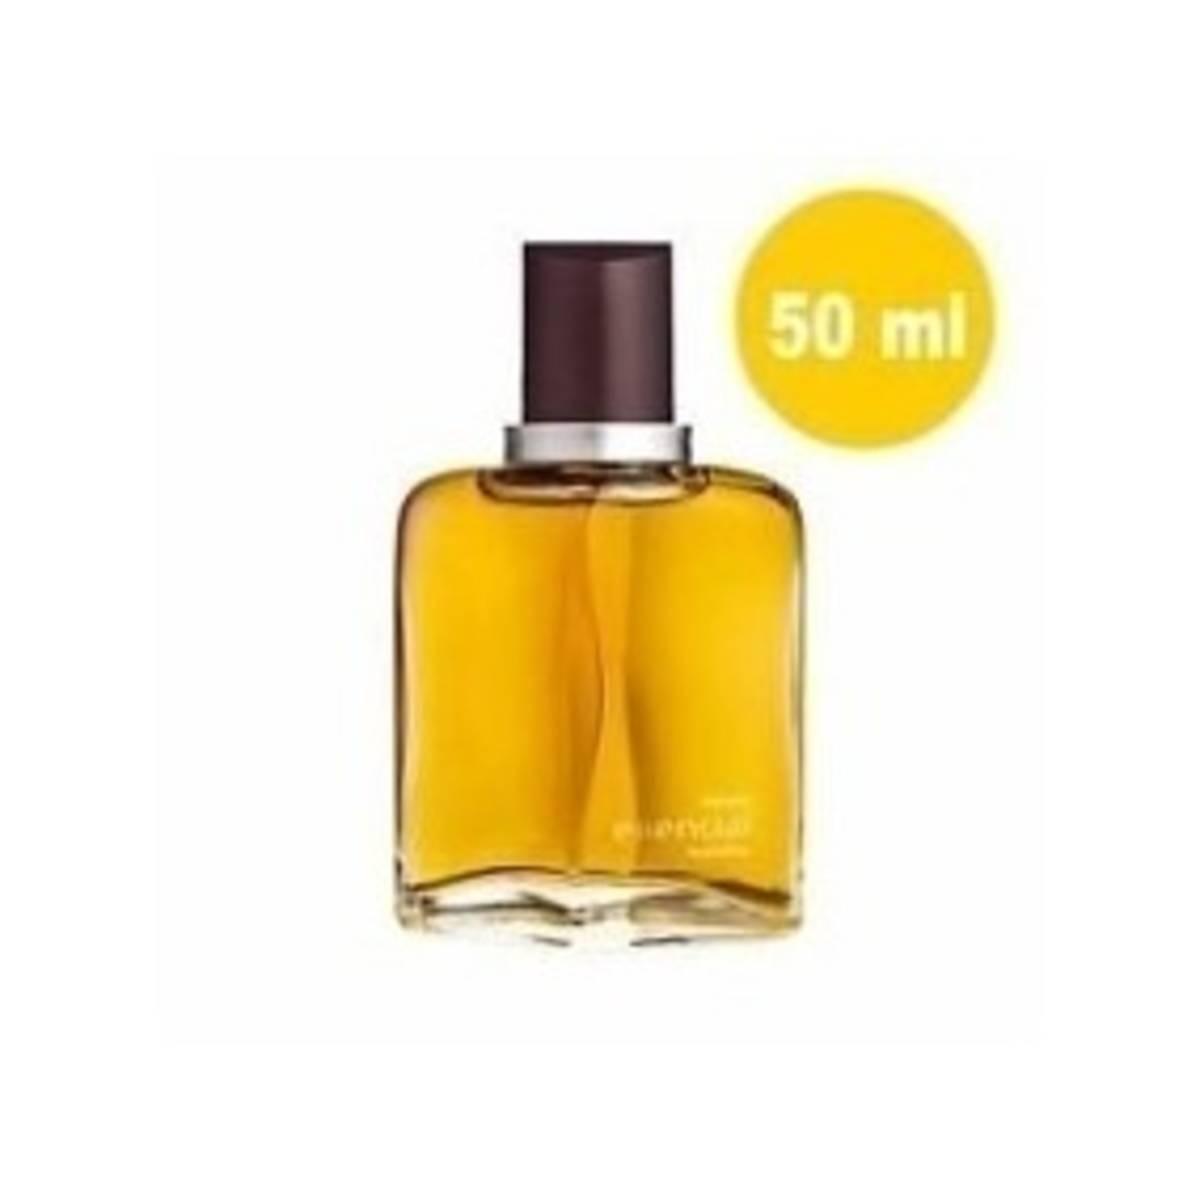 a824148e25 Perfume Essencial Natura Tradicional 50ml - R  69